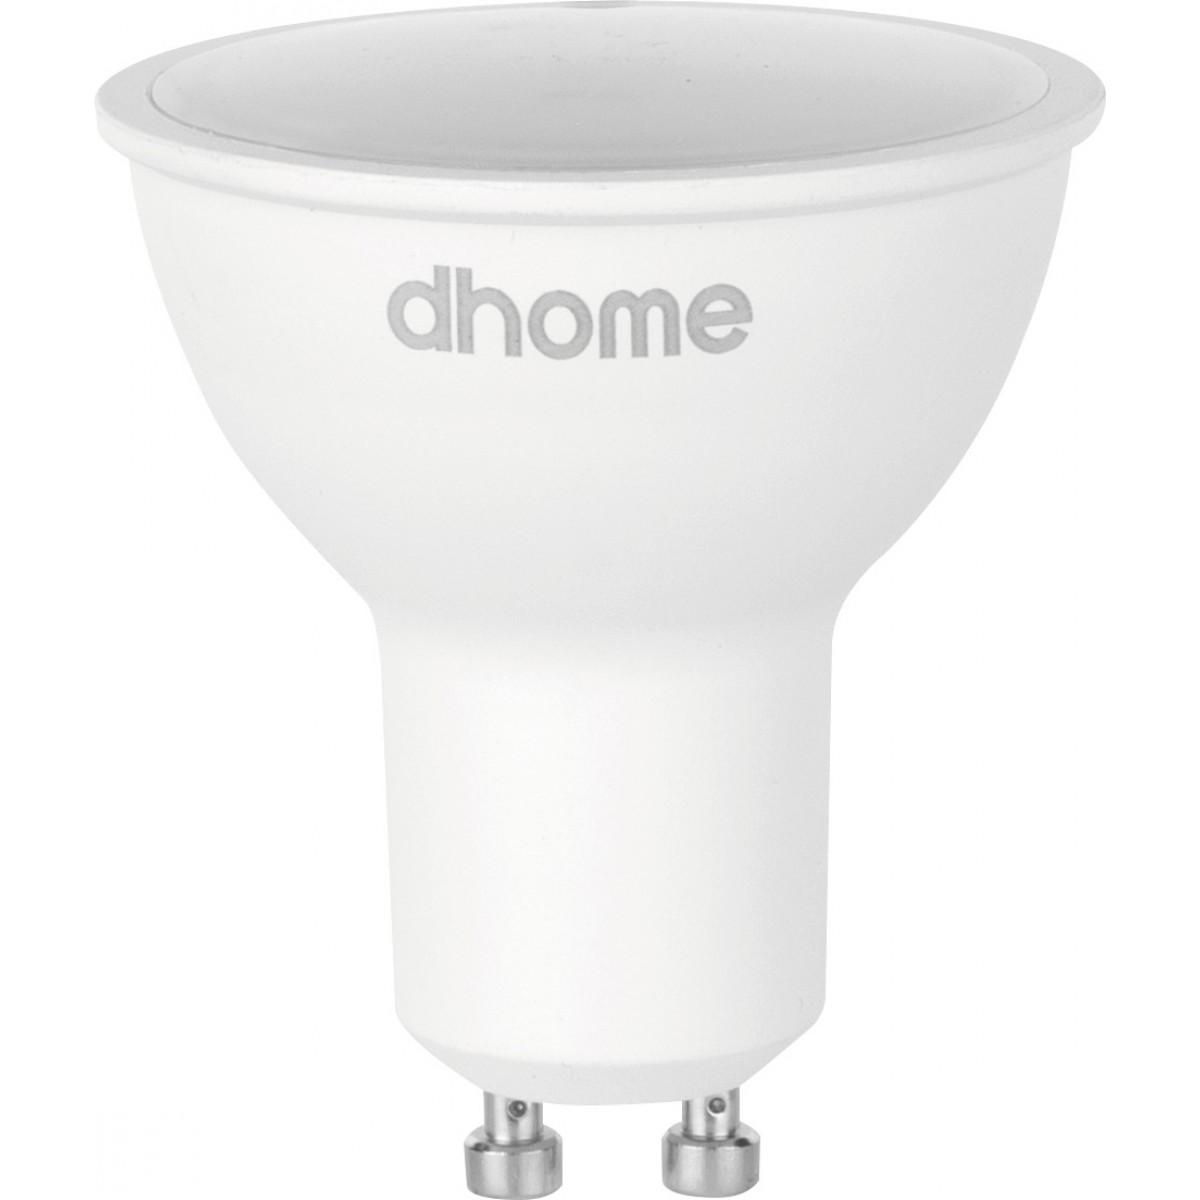 Ampoule LED GU10 dhome - 100° - 420 Lumens - 6 W - 4000 K - Vendu par 10